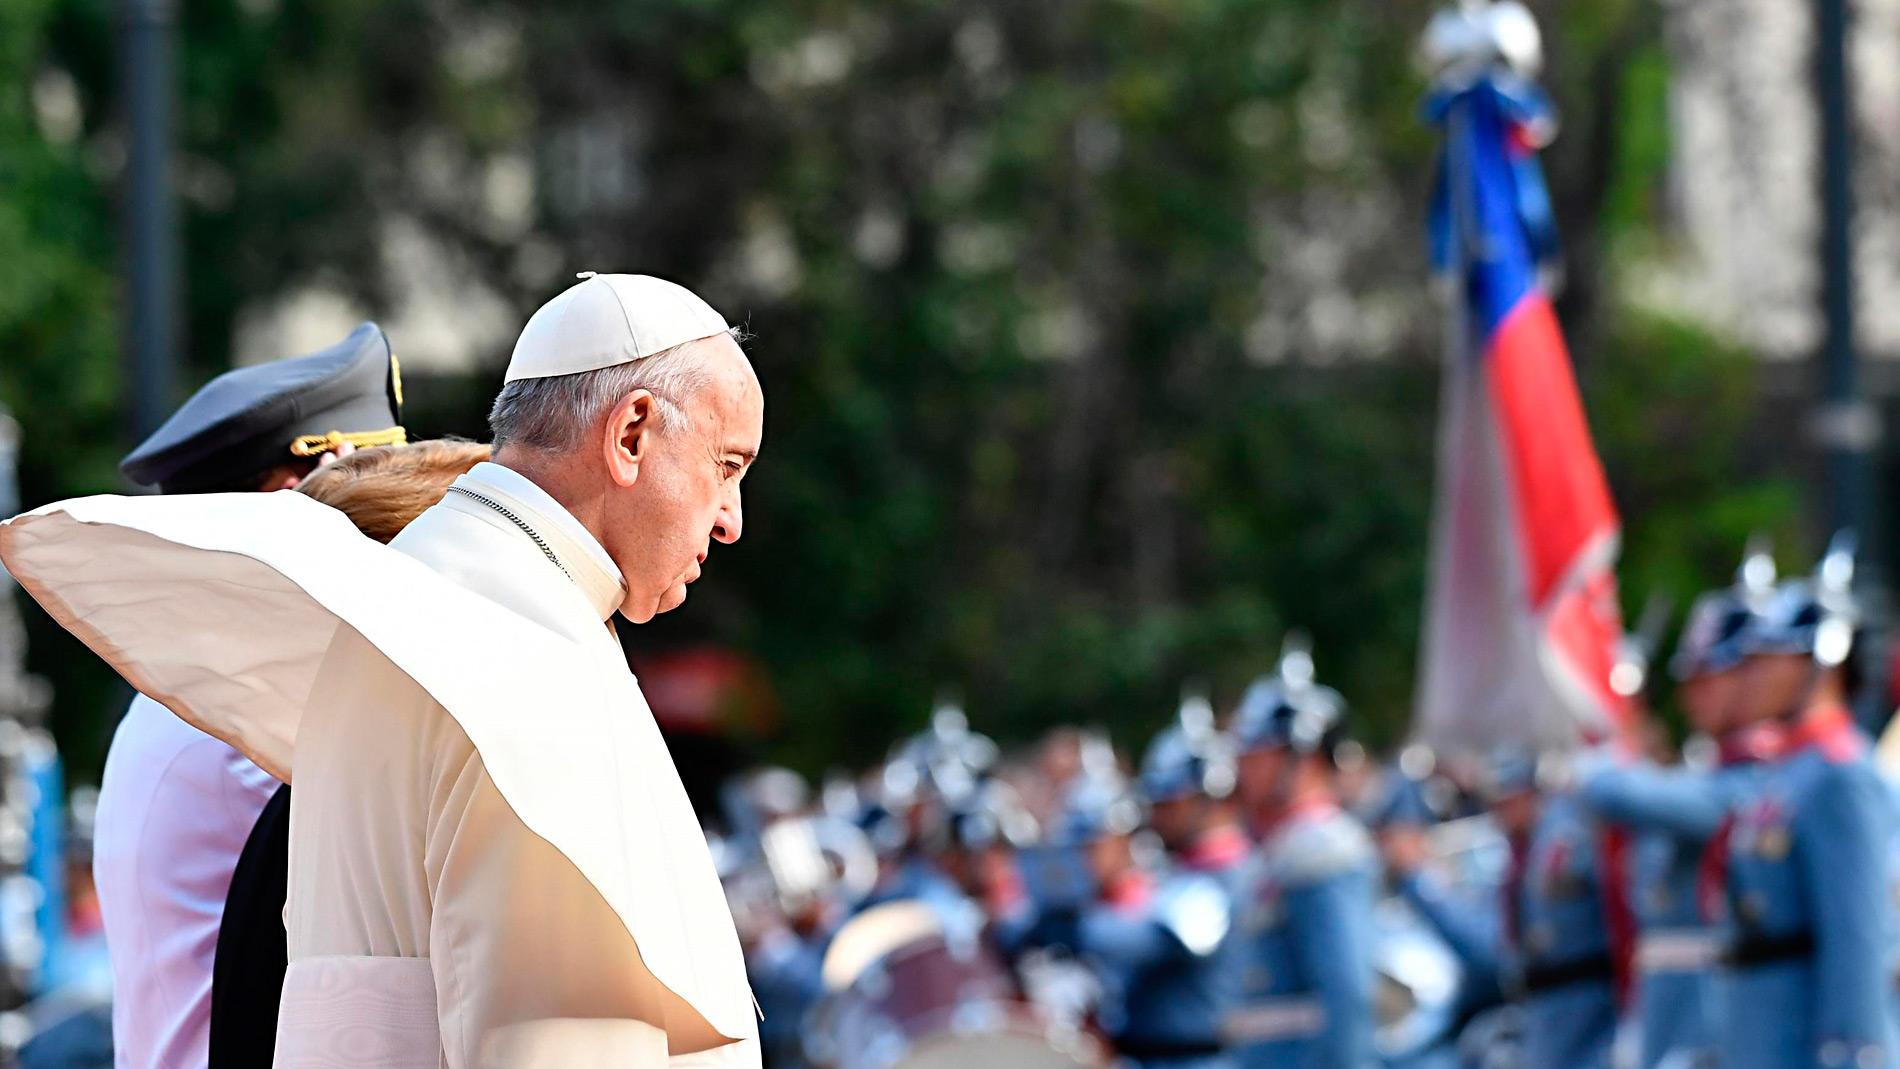 El papa pide perdón por los abusos sexuales de sacerdotes a menores en Chile